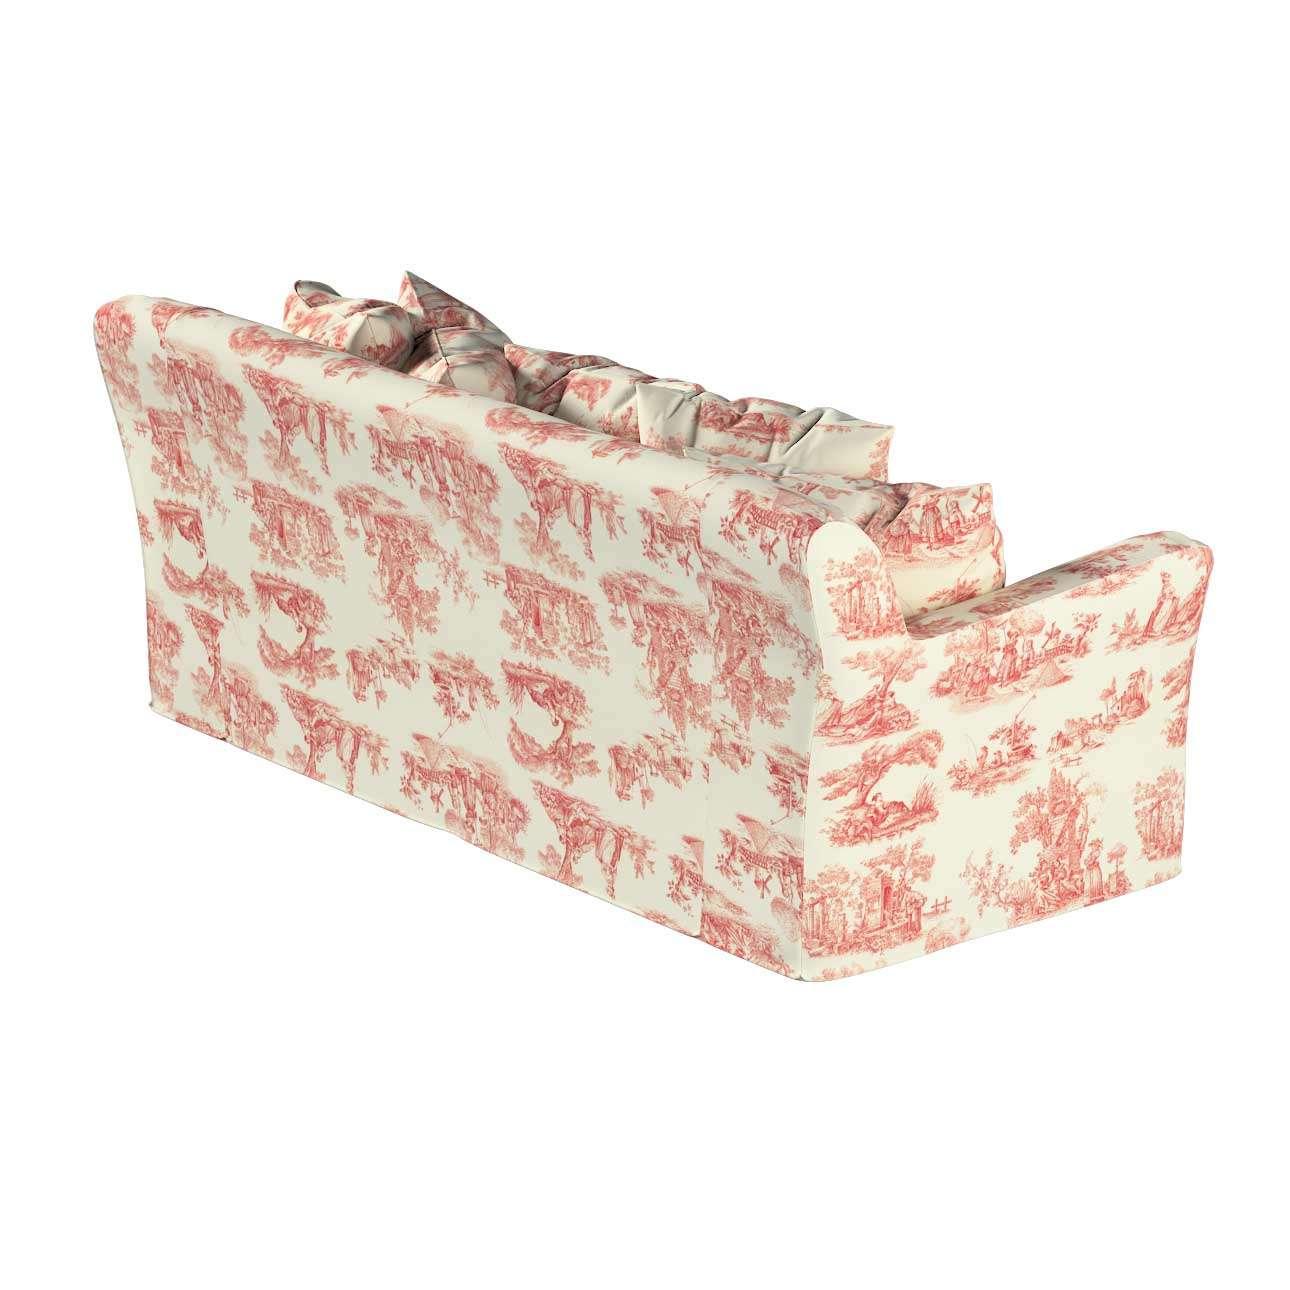 Pokrowiec na sofę Tomelilla 3-osobową rozkładaną w kolekcji Avinon, tkanina: 132-15